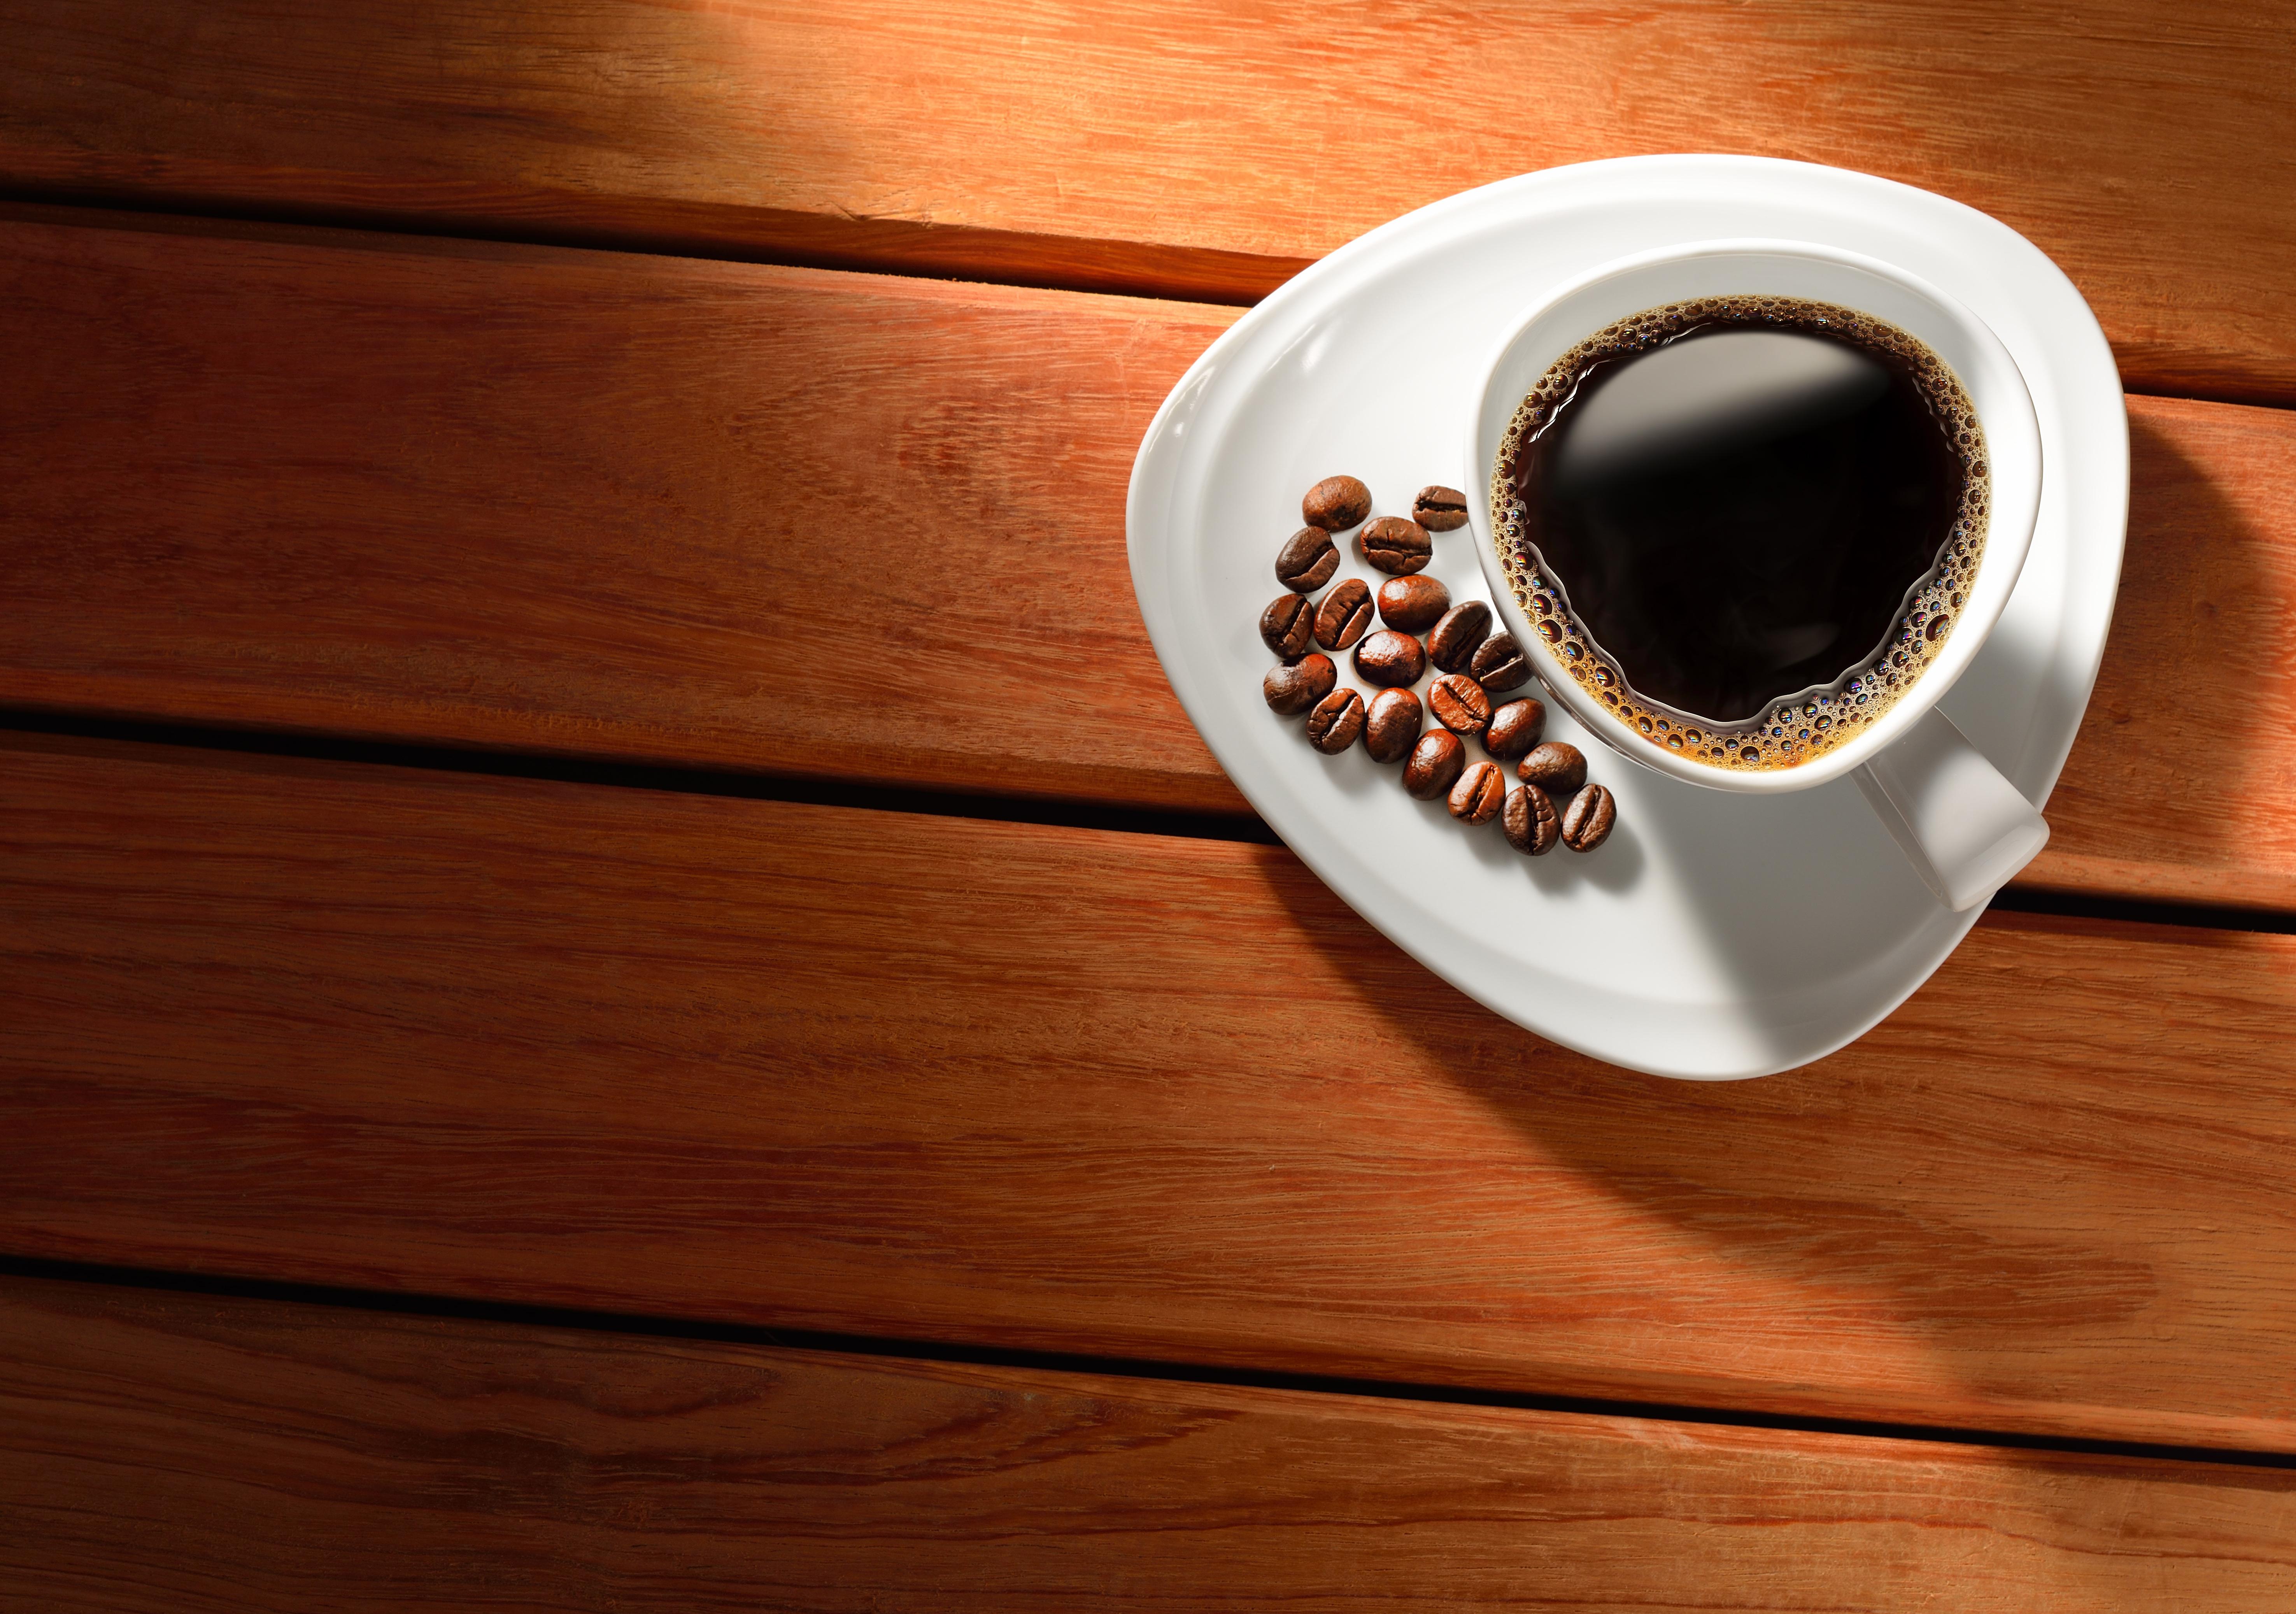 картинки про кофе на столе процессе